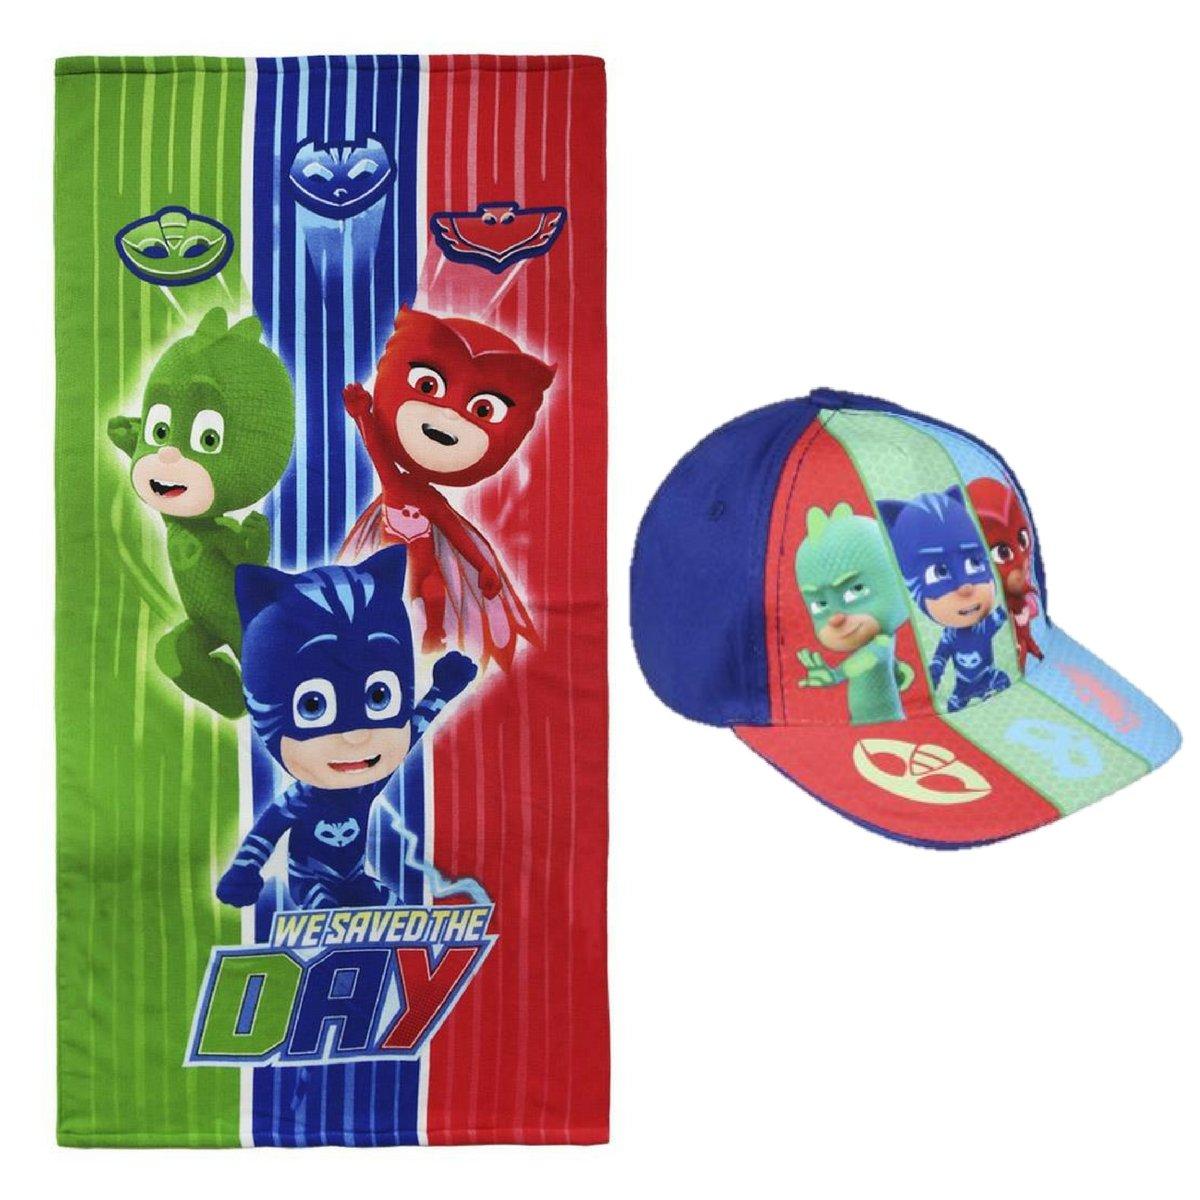 Toalla de Playa niño PJ Masks Disney + Gorra + Regalo, multicolor - microfibra suave 140x70 cm. niños - Héroes en Pijama: Amazon.es: Hogar